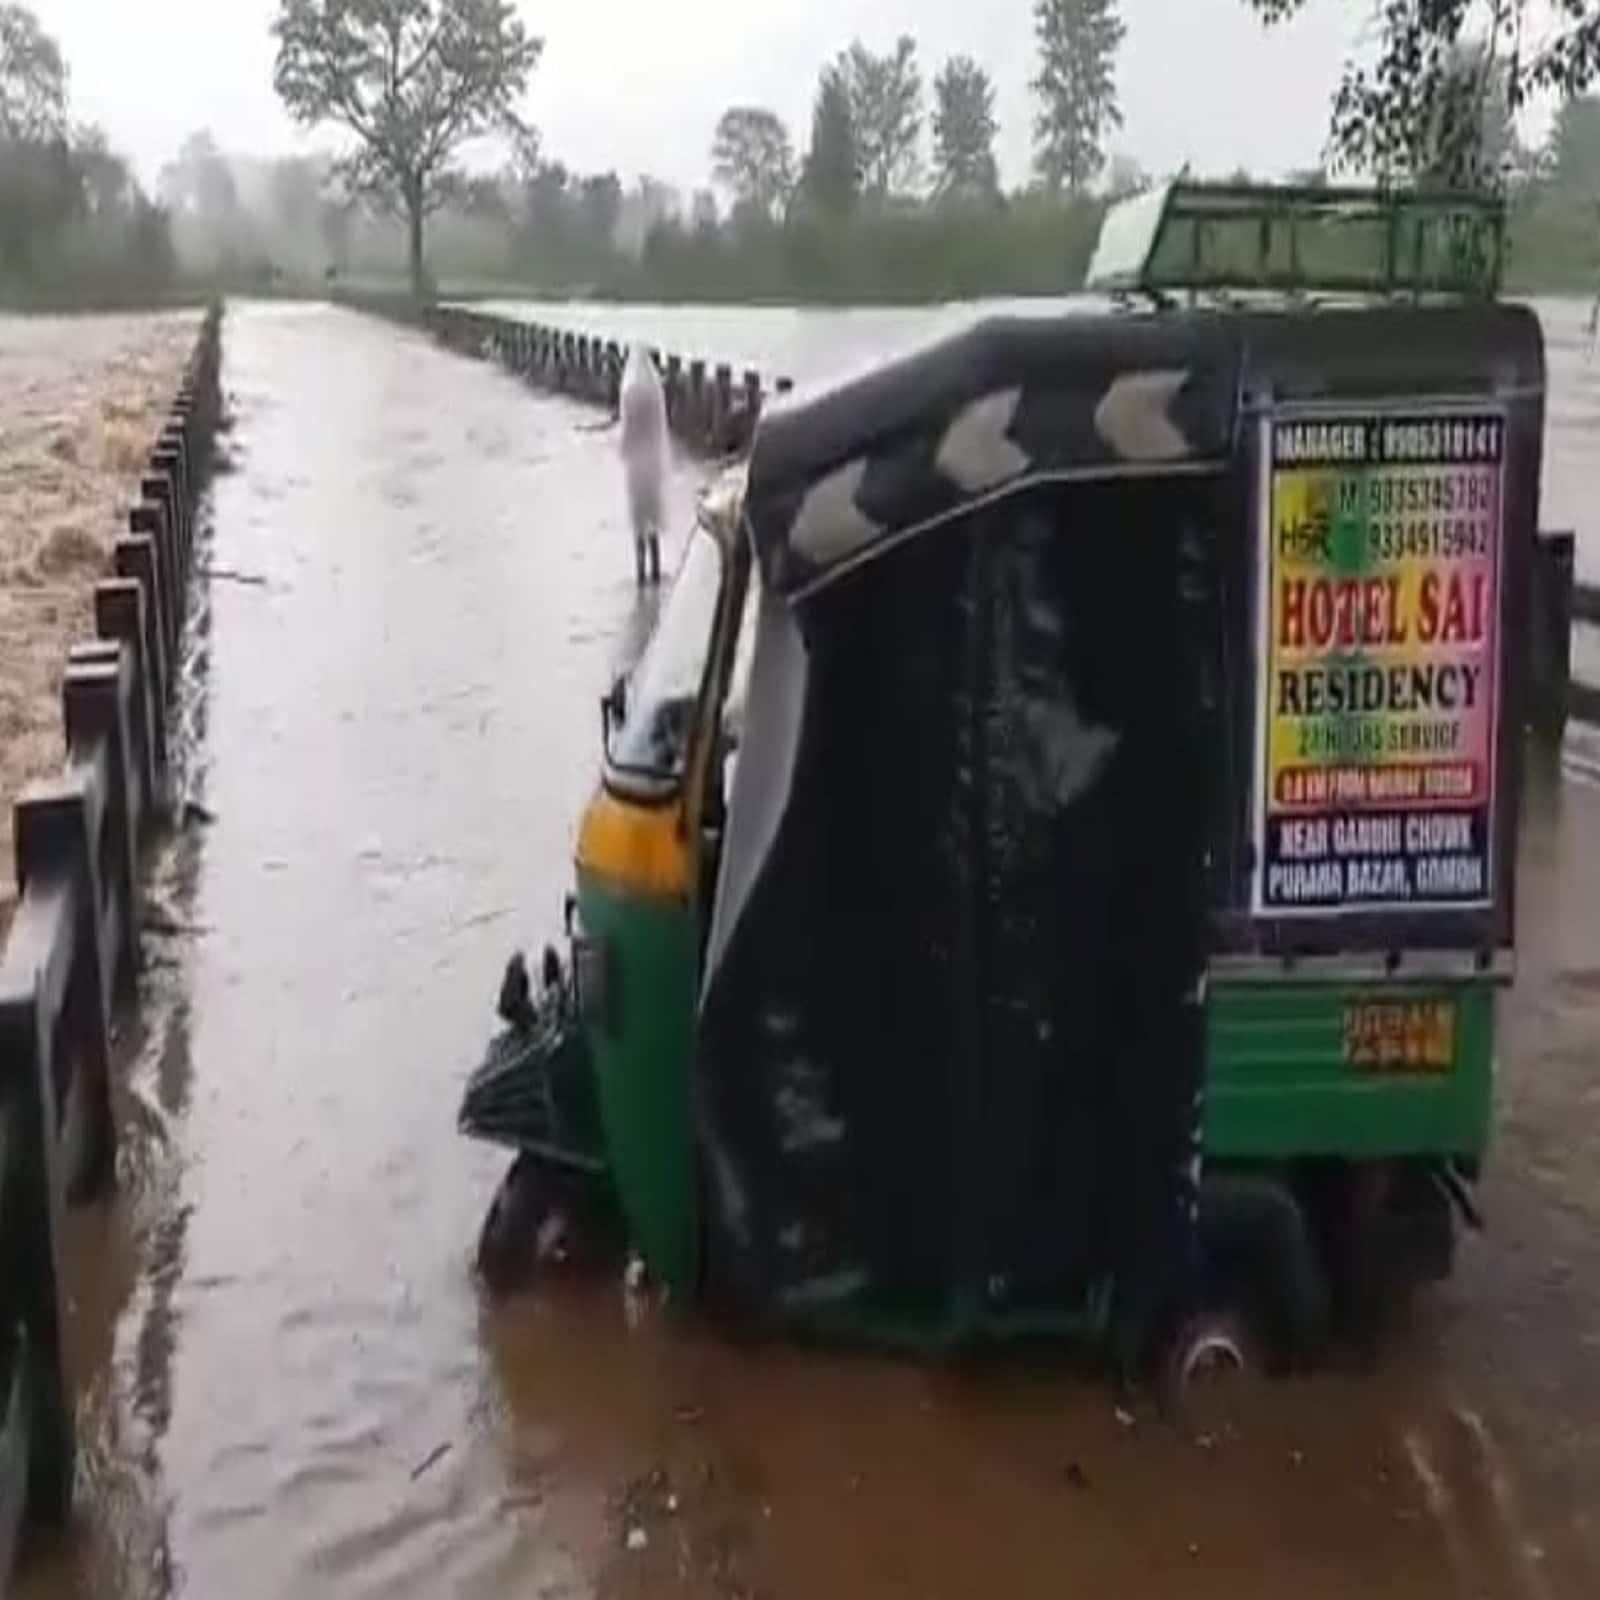 जमुनिया नदी के उफना कर सड़क के ऊपर से बह रही है. सड़क से गुजर रहे वाहन भी इसकी चपेट में आ गए. इससे आवागमन बुरी तरह से प्रभावित हुआ है. (न्यूज 18/संजय गुप्ता)